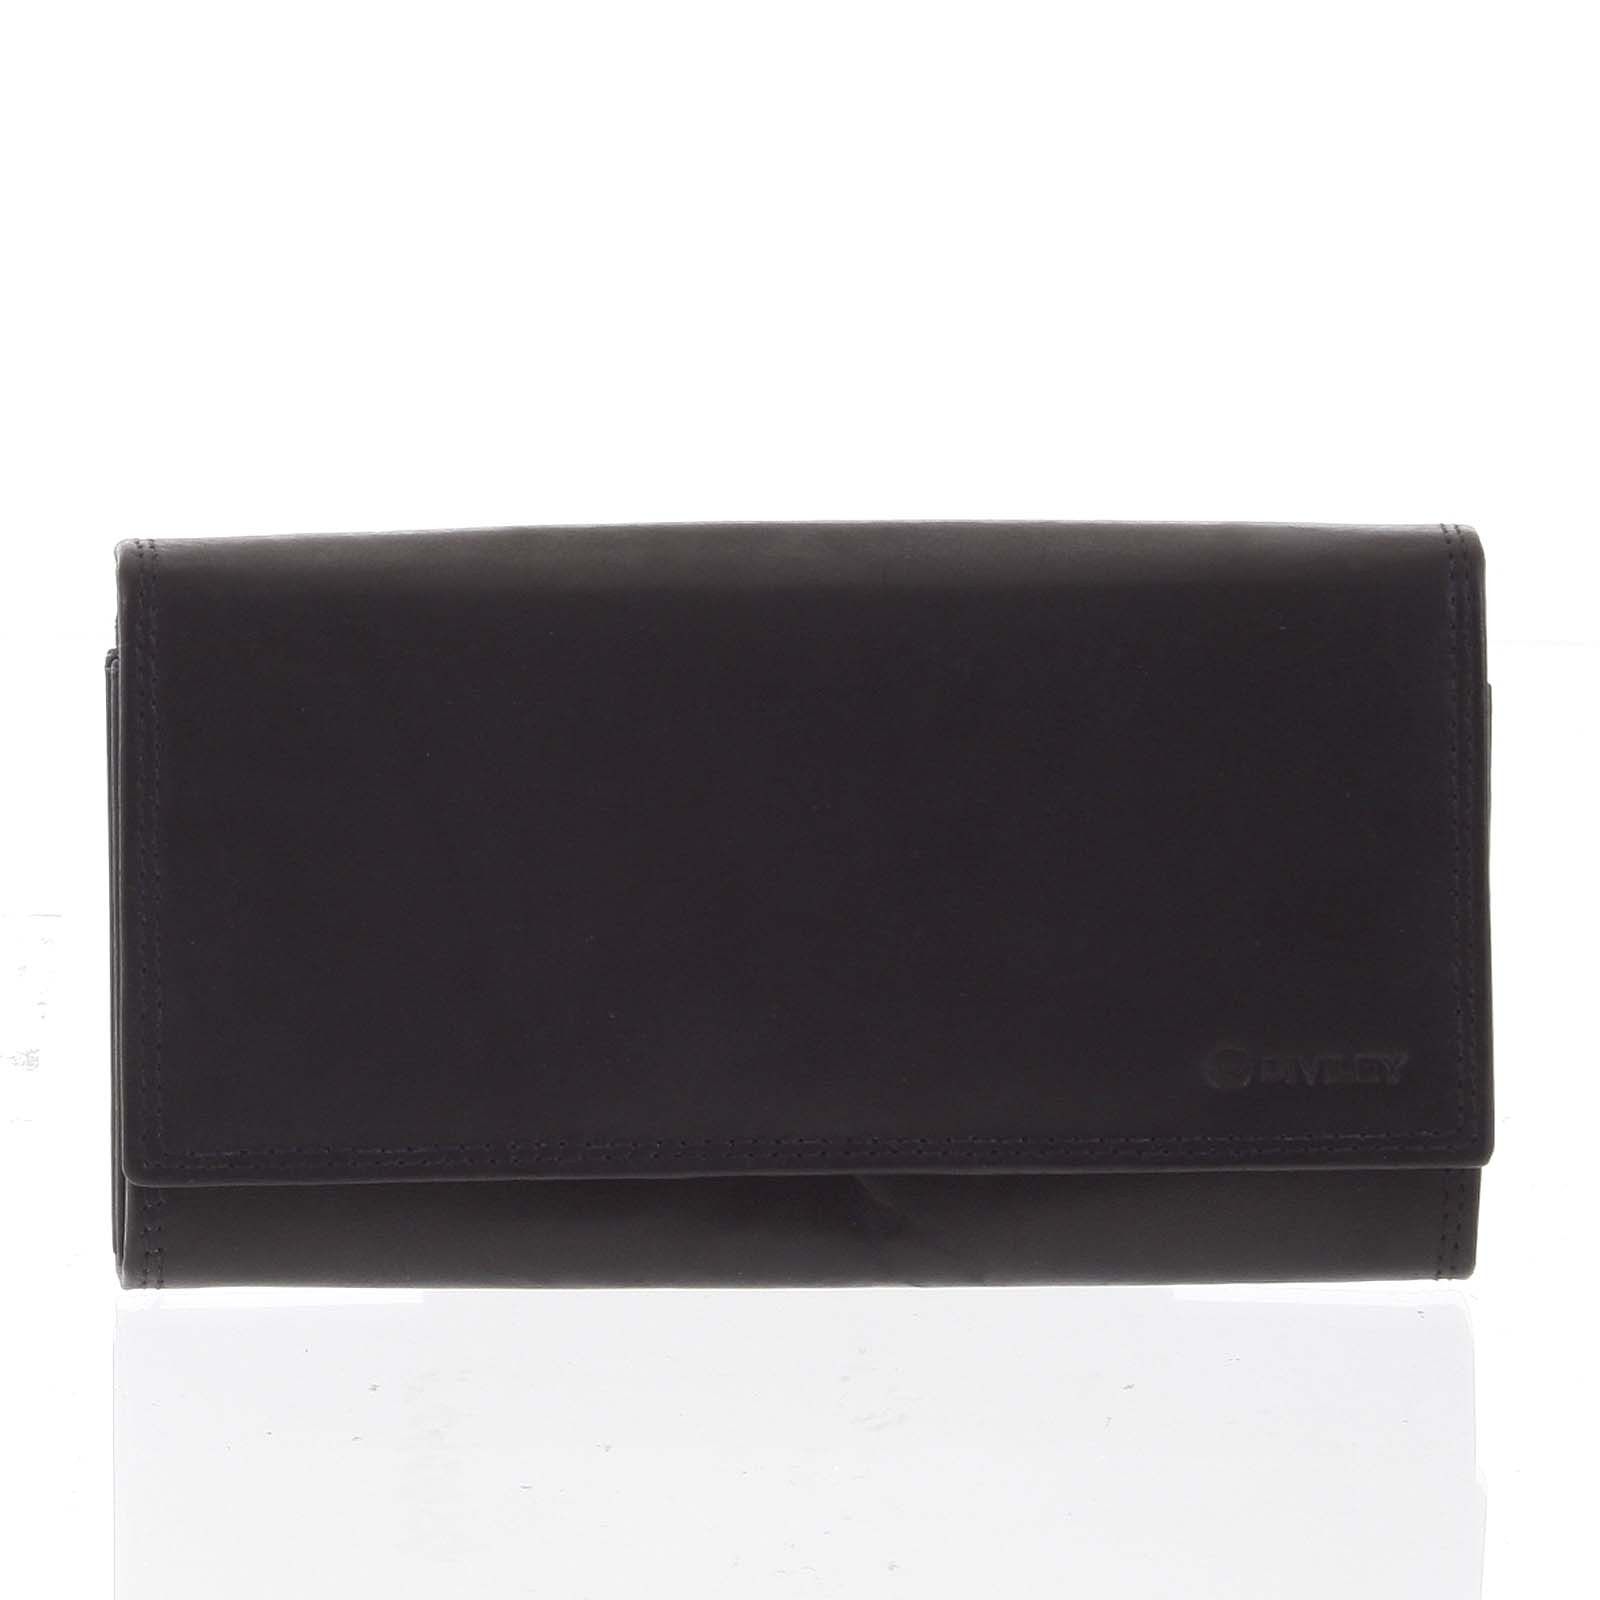 Dámska klasická čierna kožená peňaženka - Diviley Svemir čierna